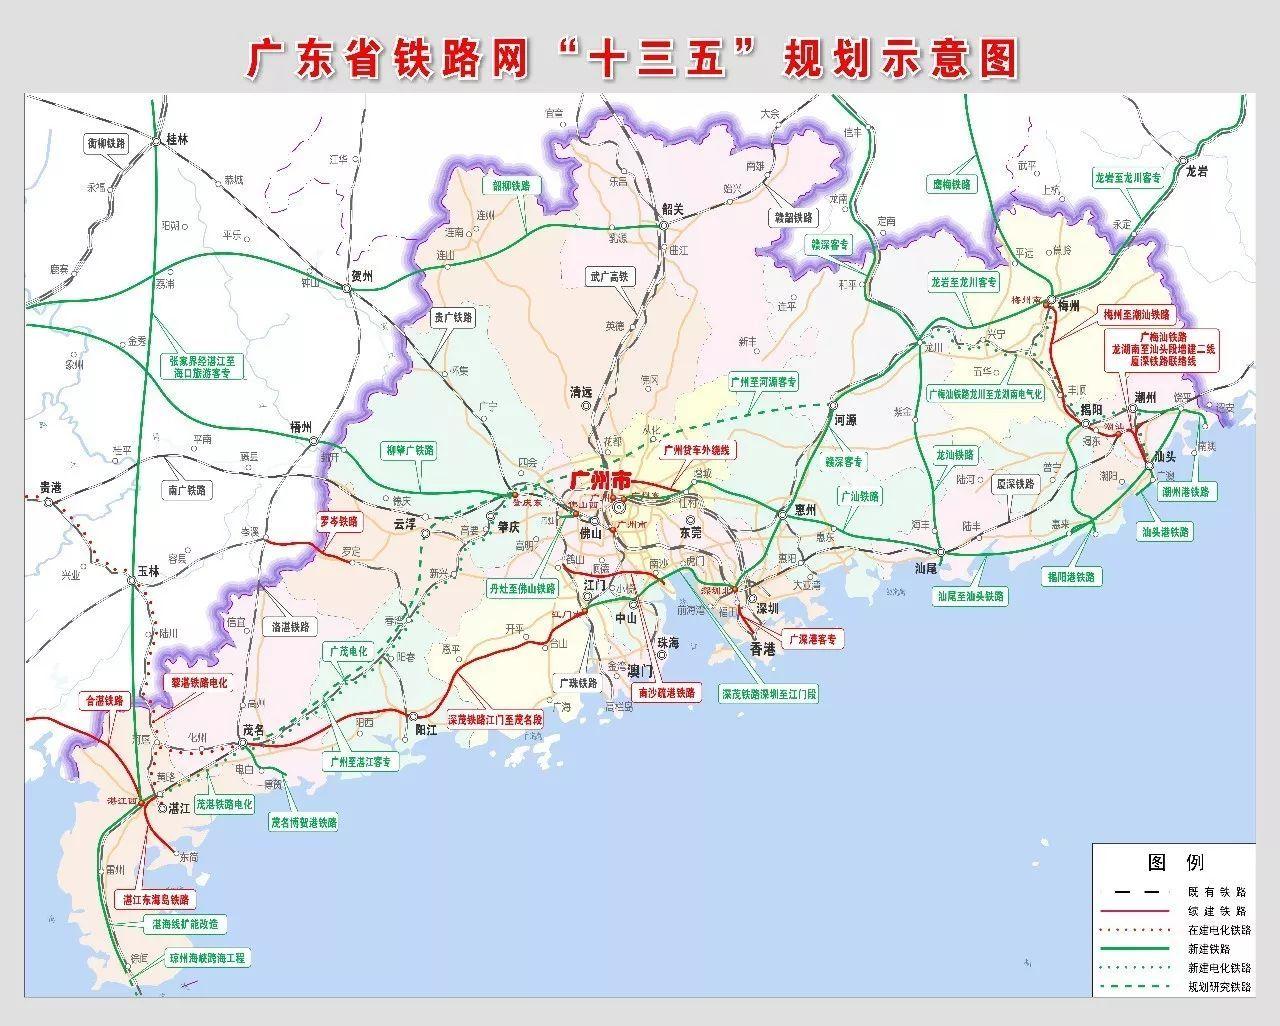 广东又一条高铁来了!途径七大城市,广州湛江只要2小时!图片